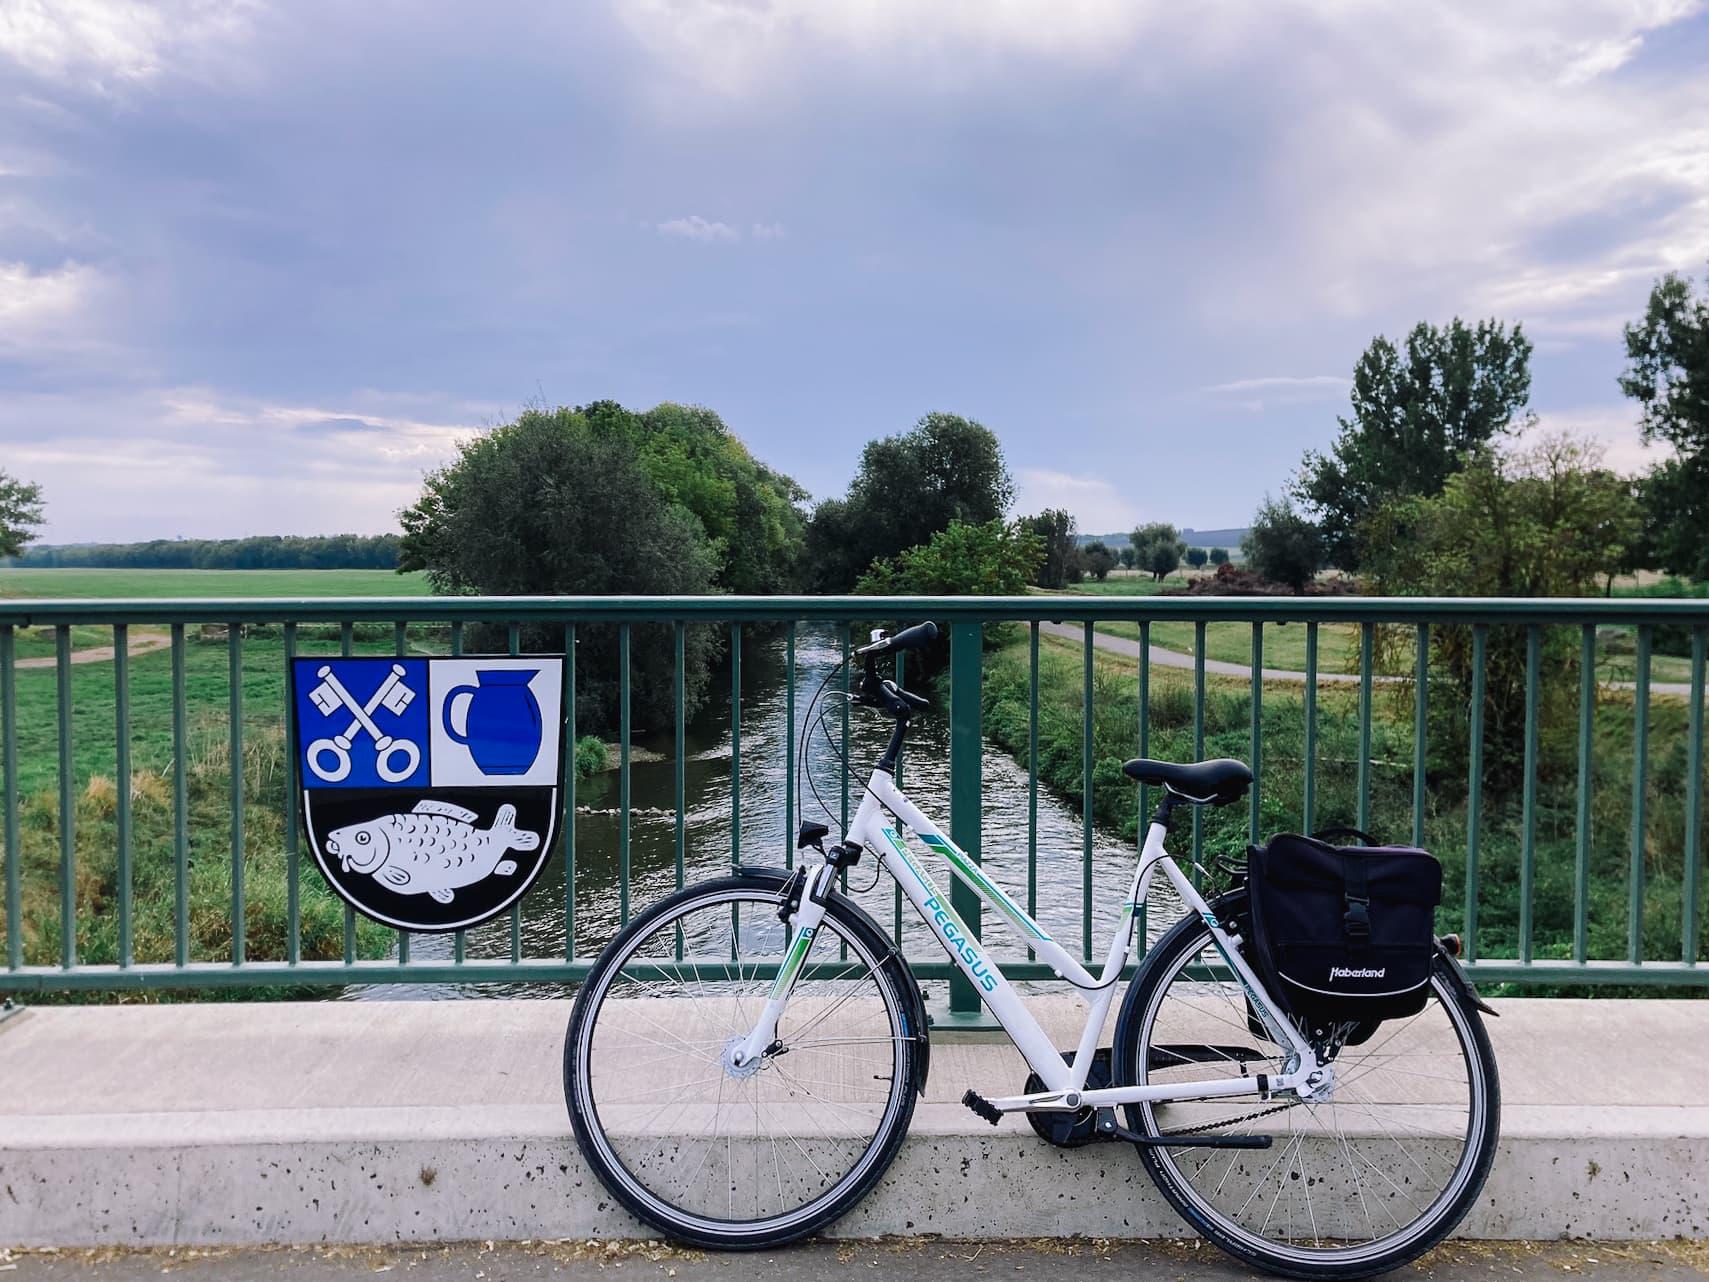 Fahrrad lehnt an Brückengeländer